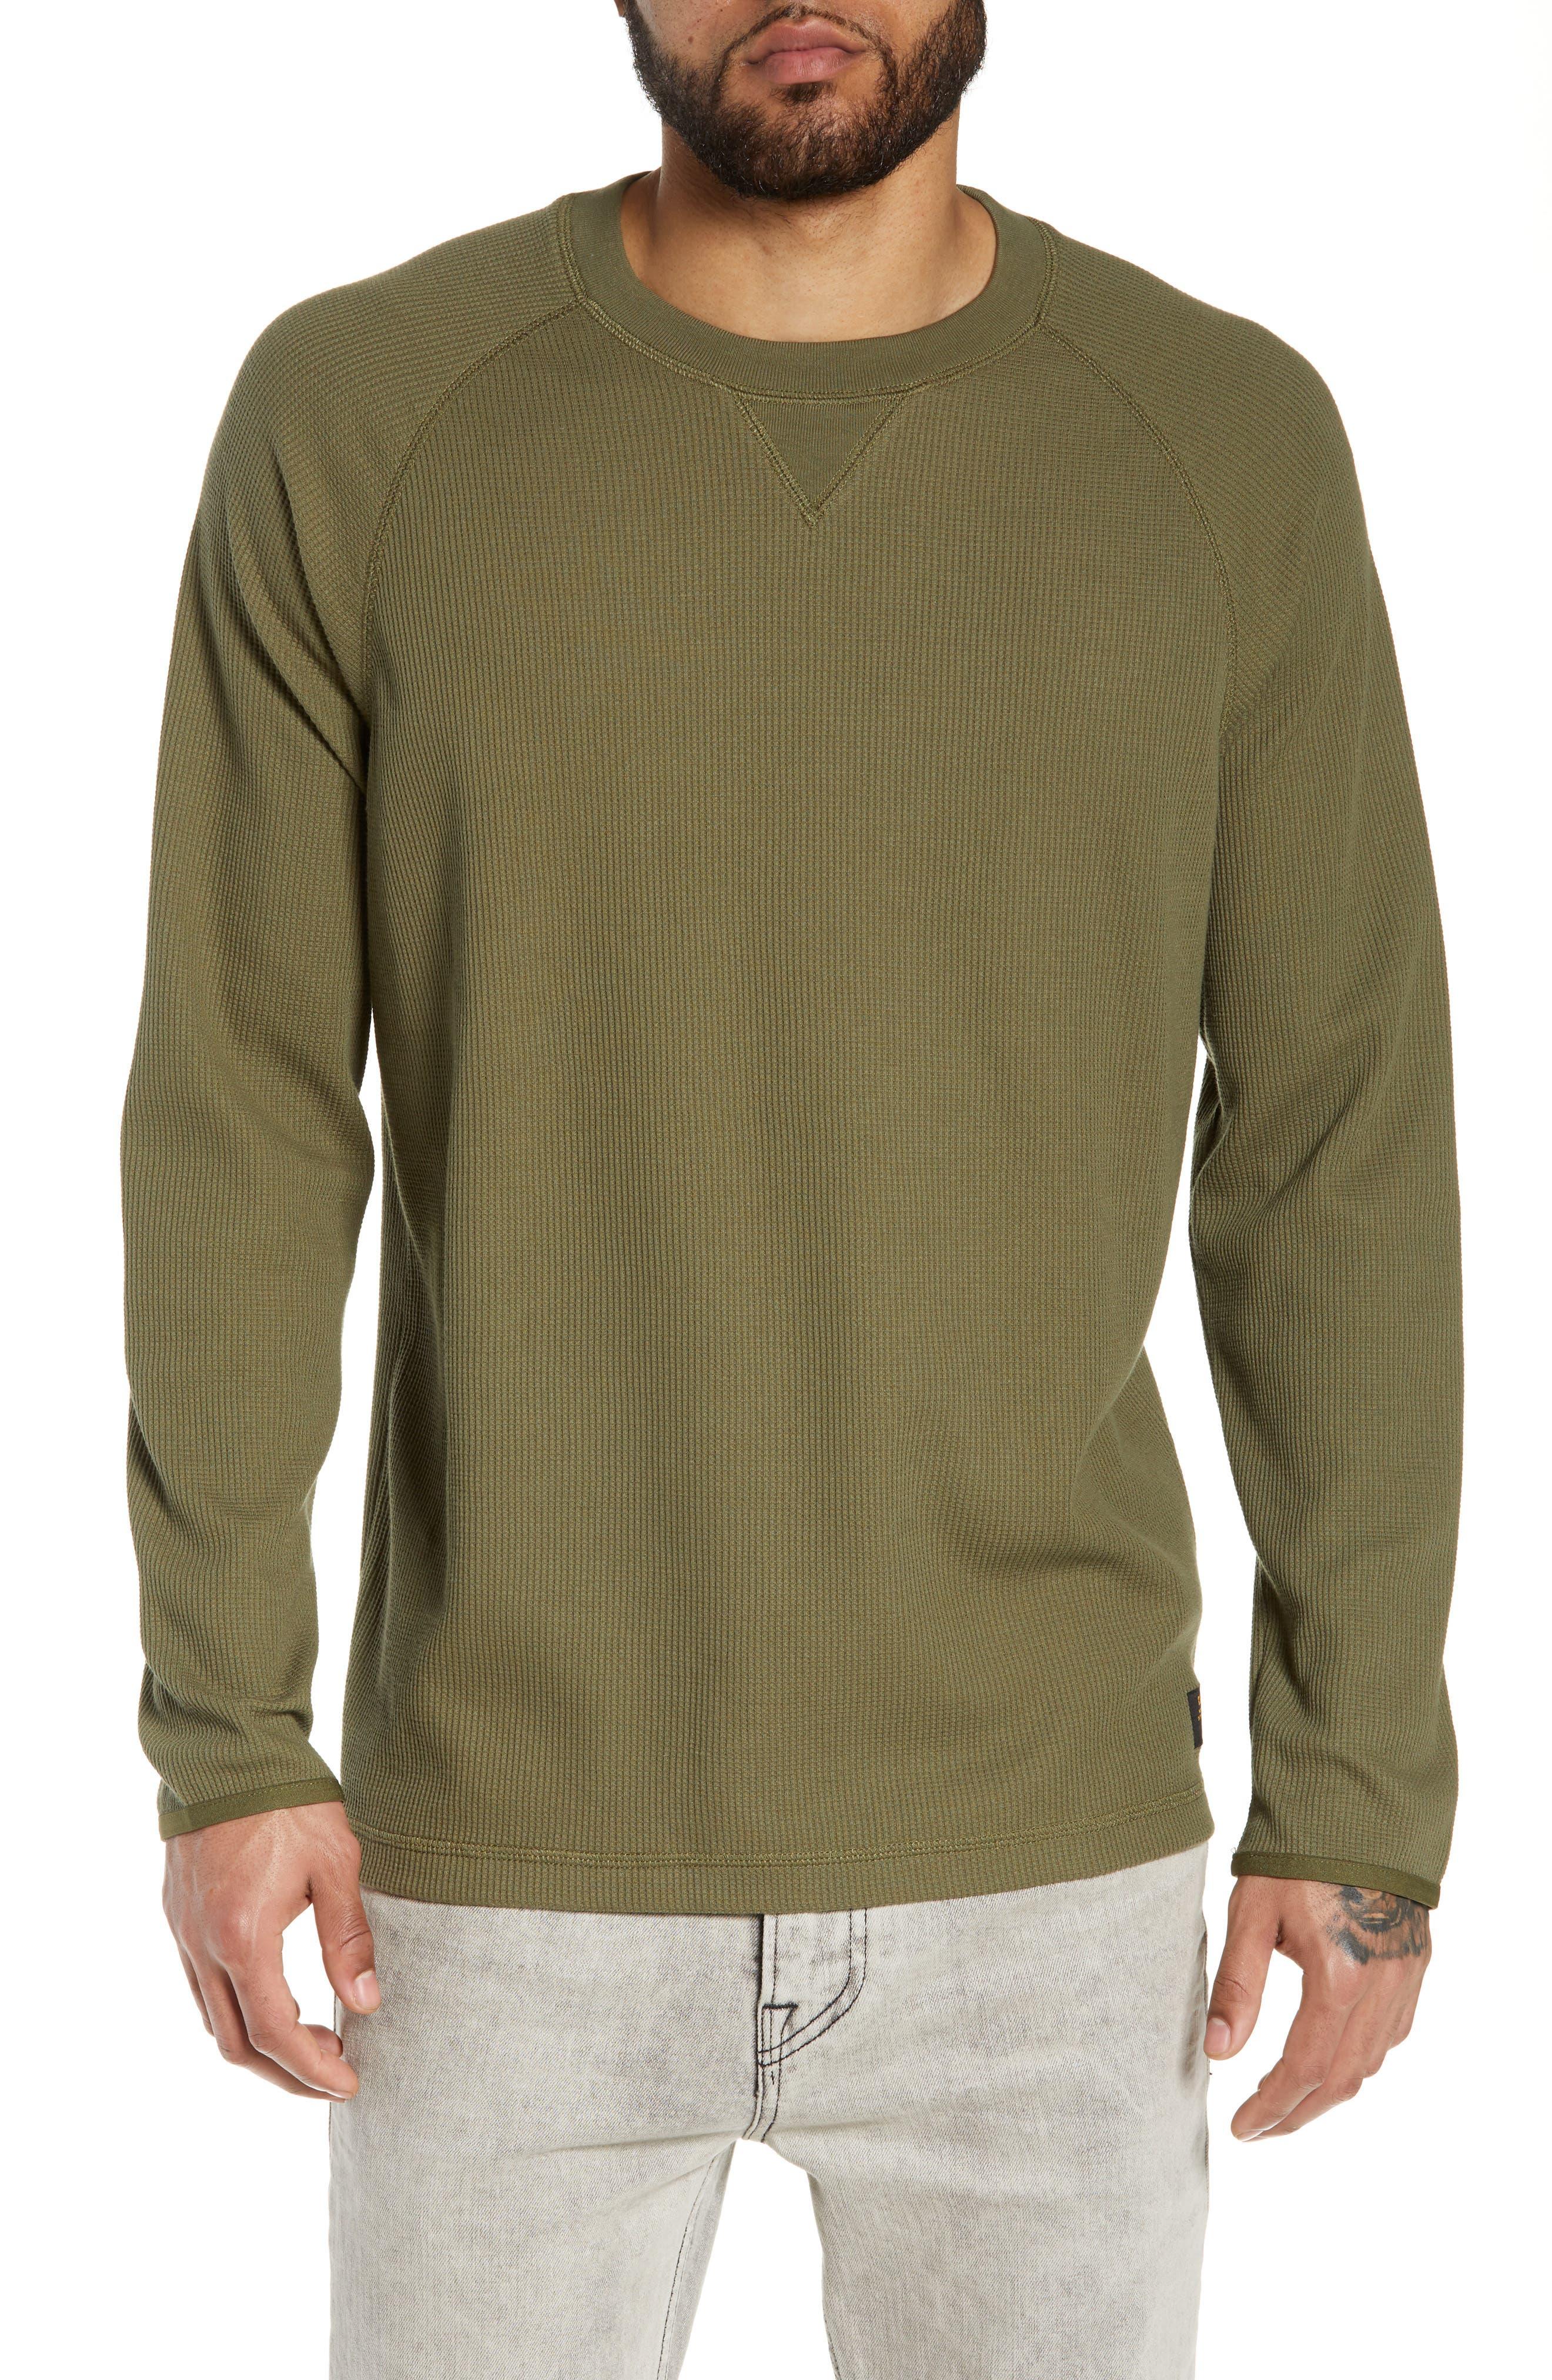 Leeward Thermal Long Sleeve T-Shirt,                             Main thumbnail 1, color,                             ROVER GREEN